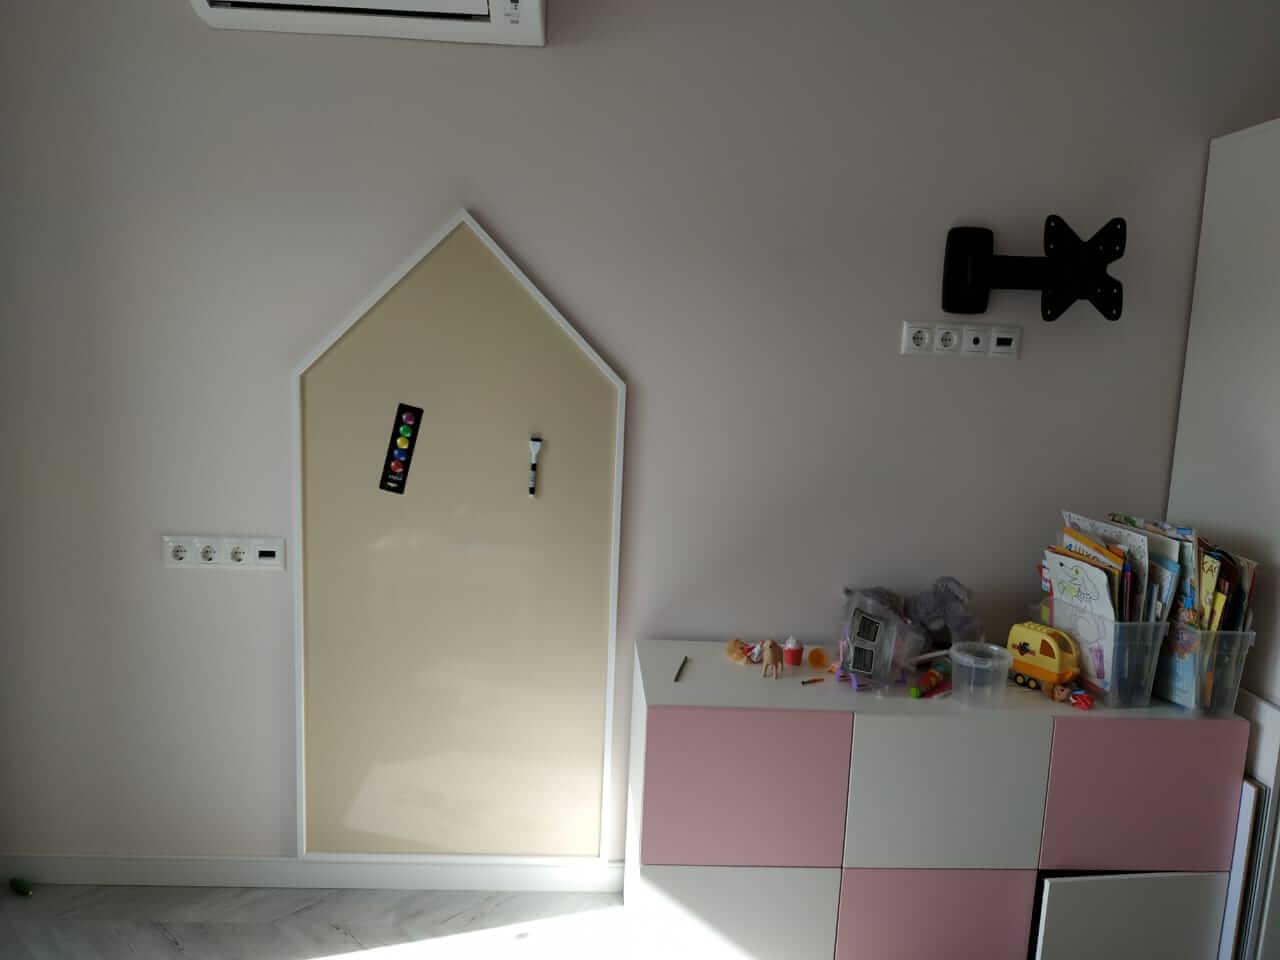 Магнитная доска в виде домика для рисования